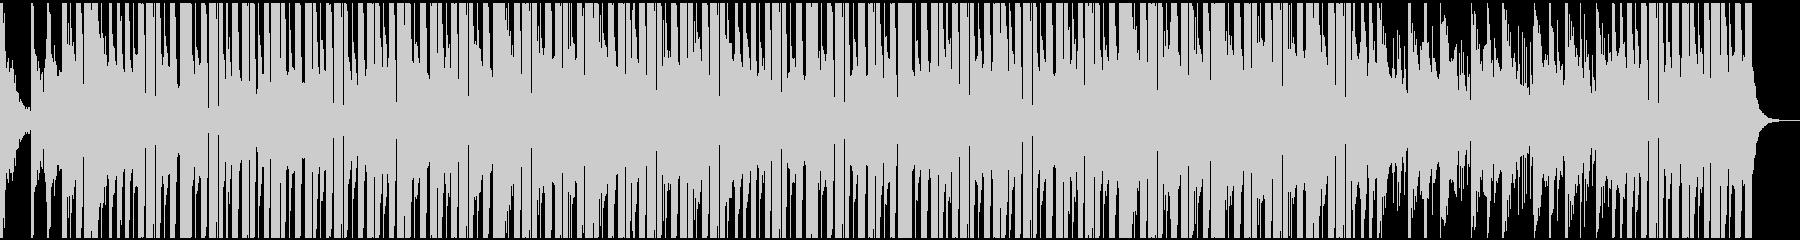 Pop-RおよびBインストゥルメン...の未再生の波形